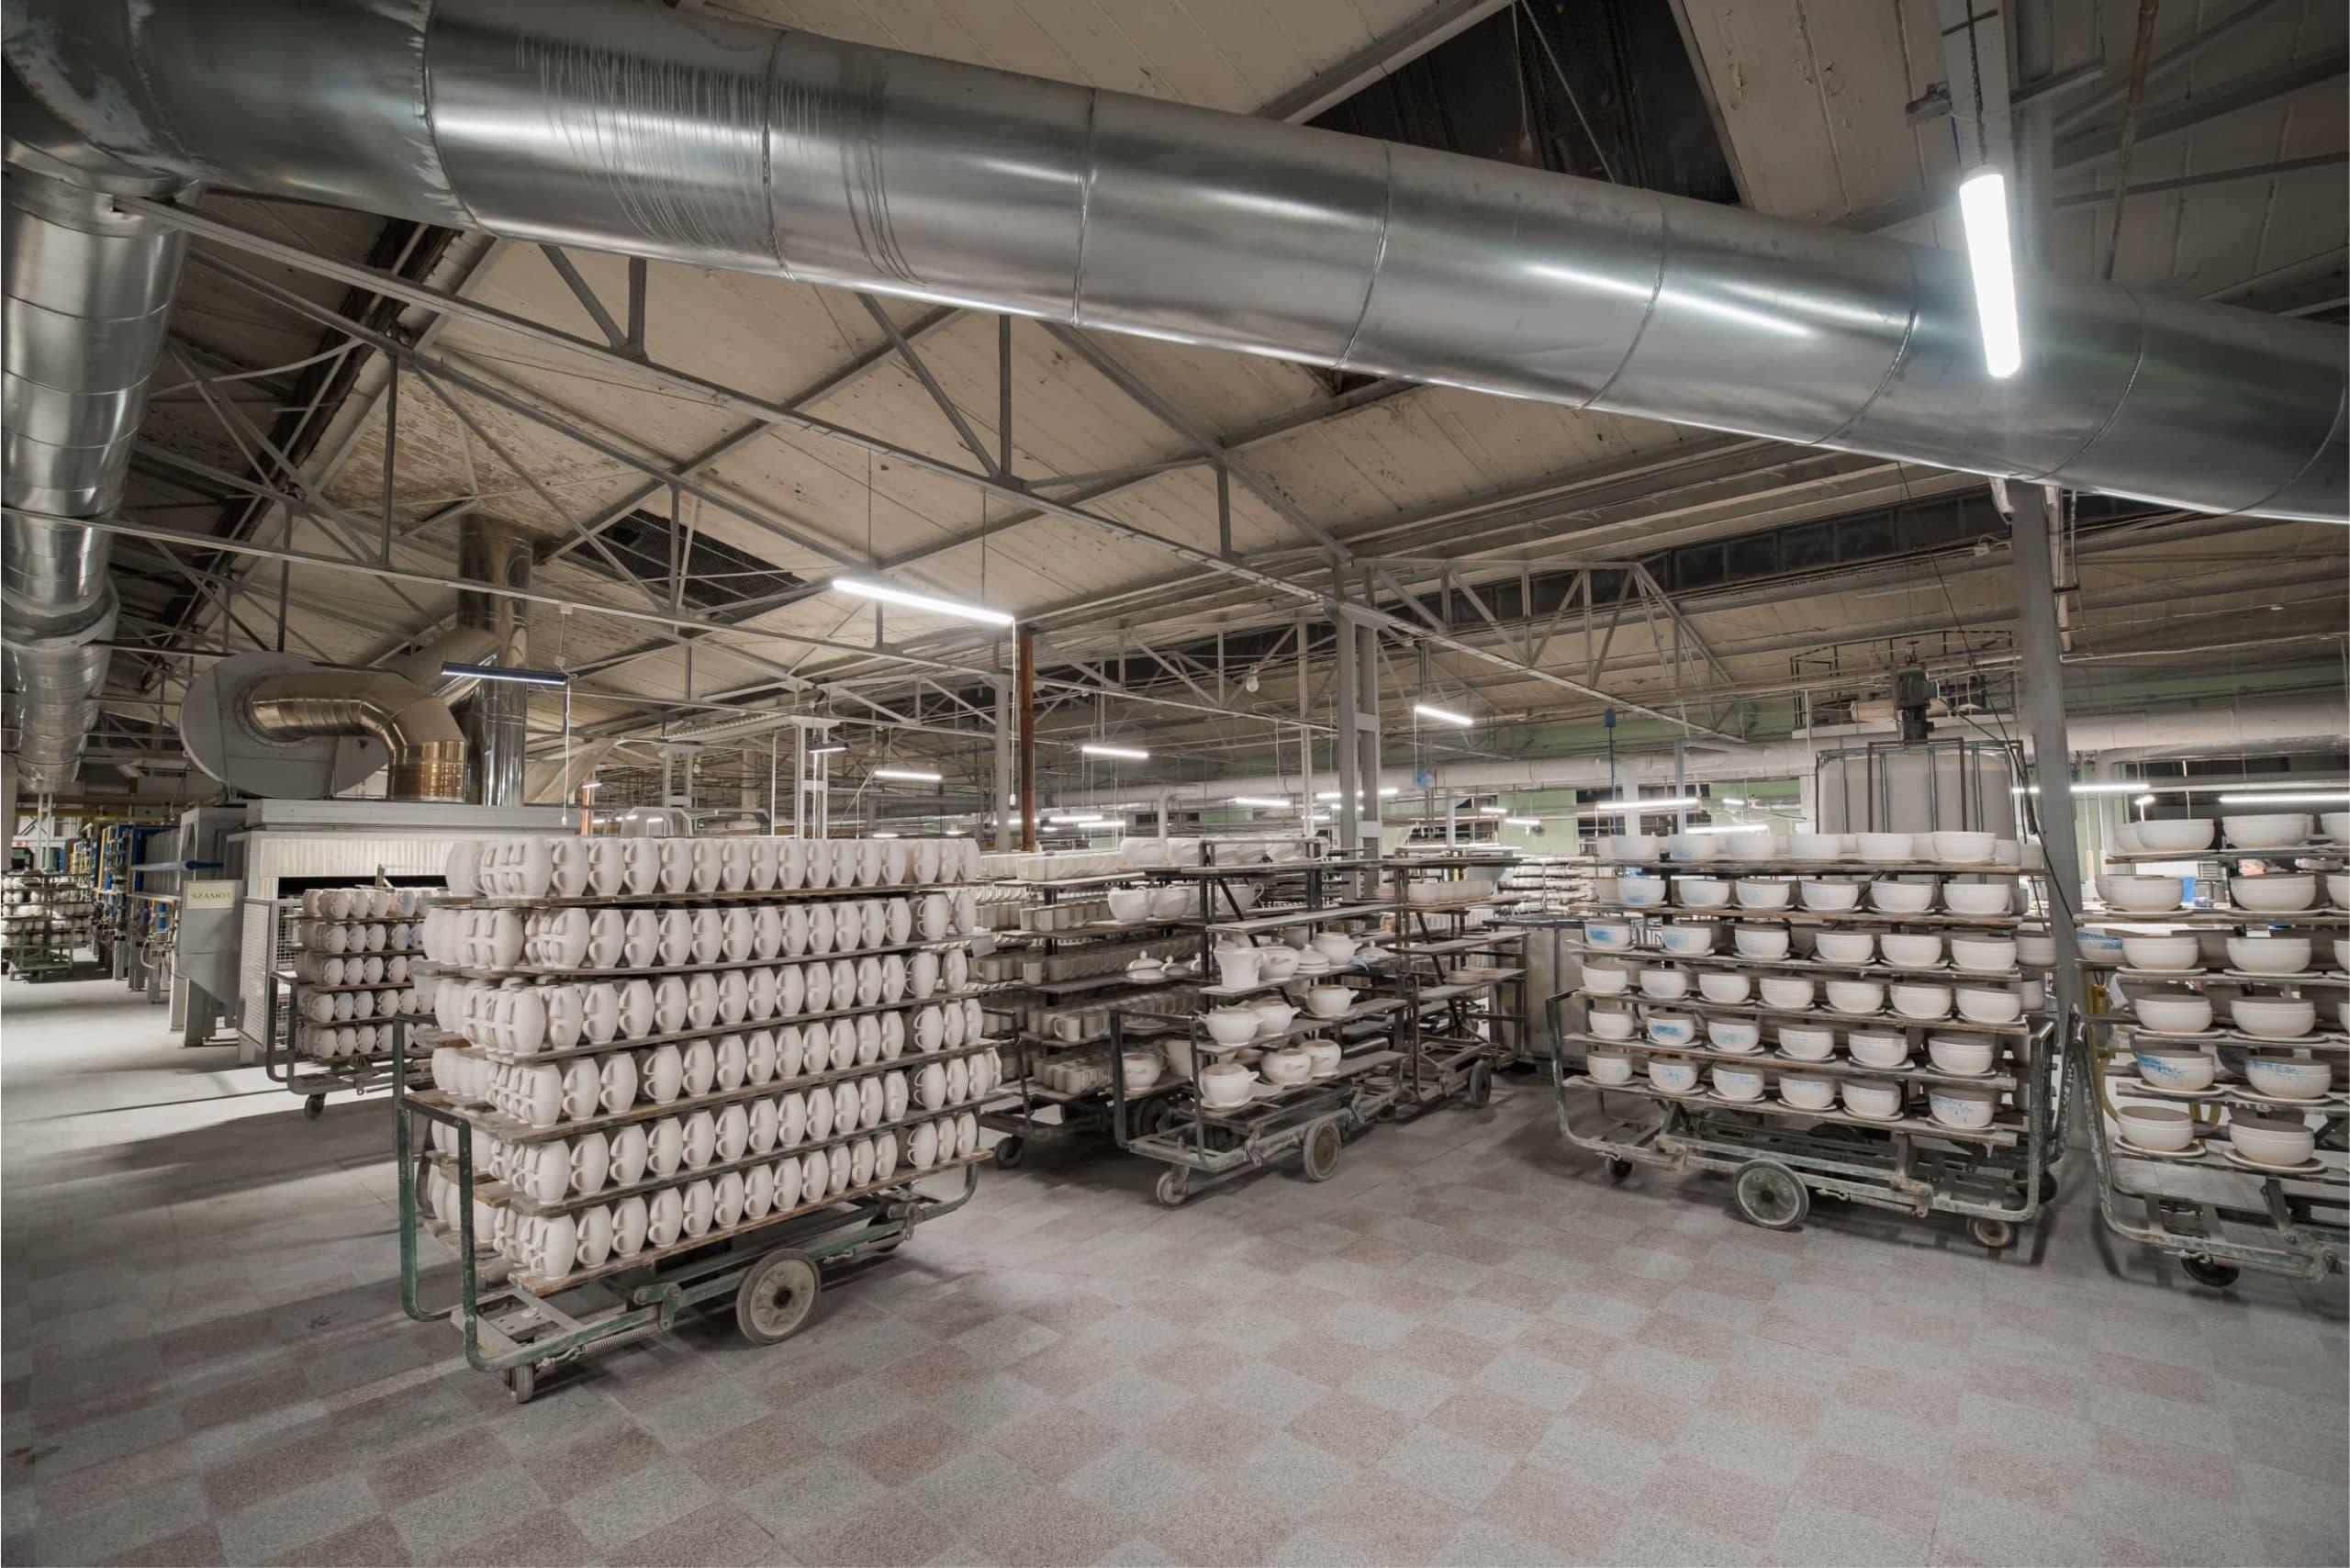 Oprawy przemysłowe Industrial w budynku producenta porcelany - Luxon LED